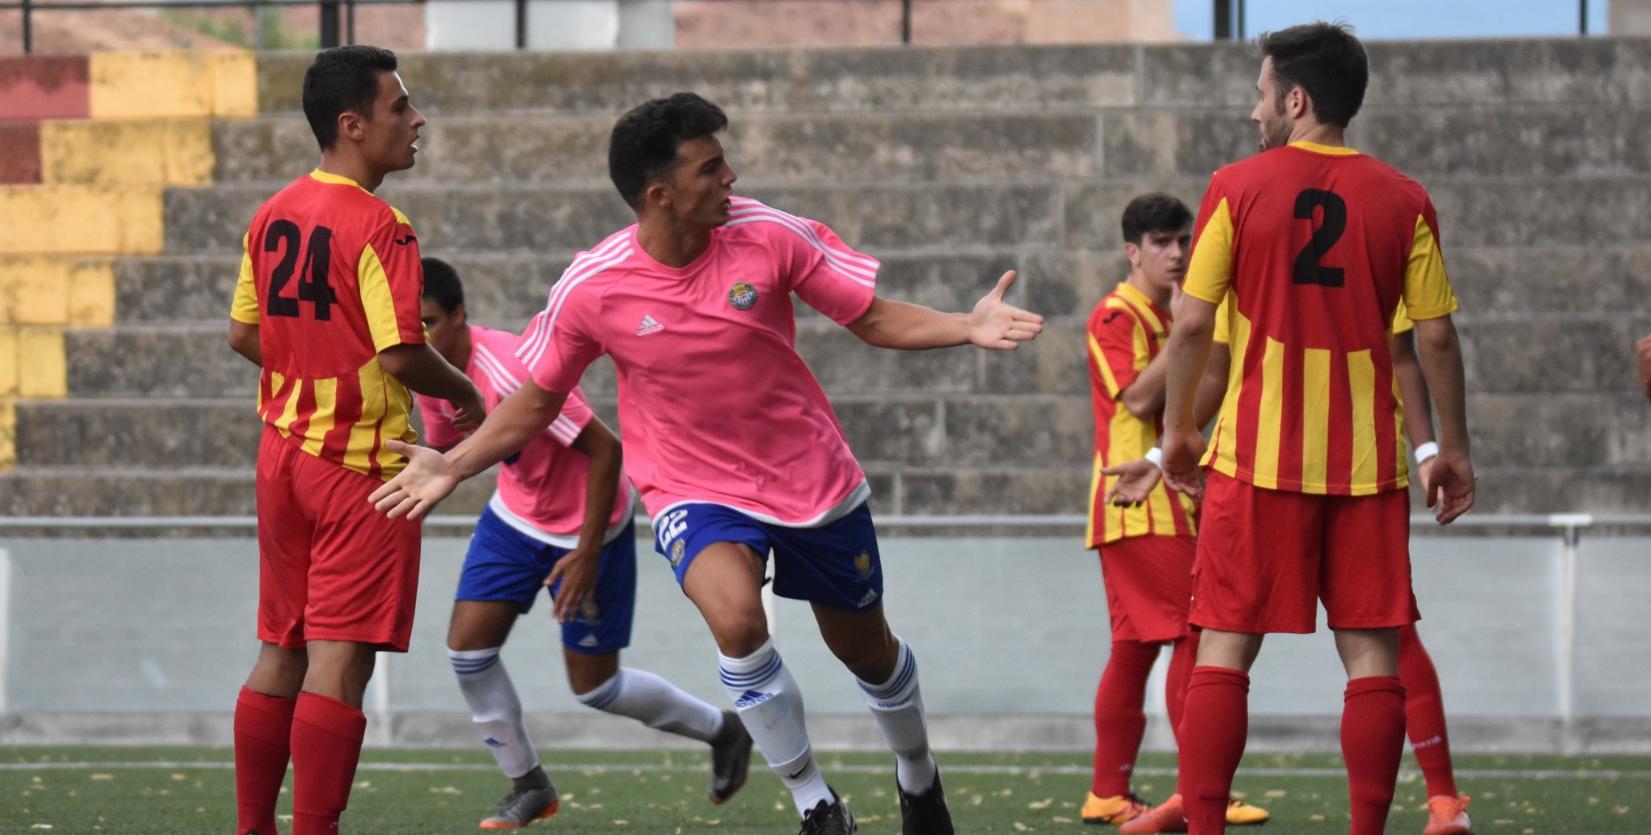 El Gimnàstic Manresa repetirà una nova temporada a la Divisió d'Honor Juvenil / FOTO: LUISPHOTO